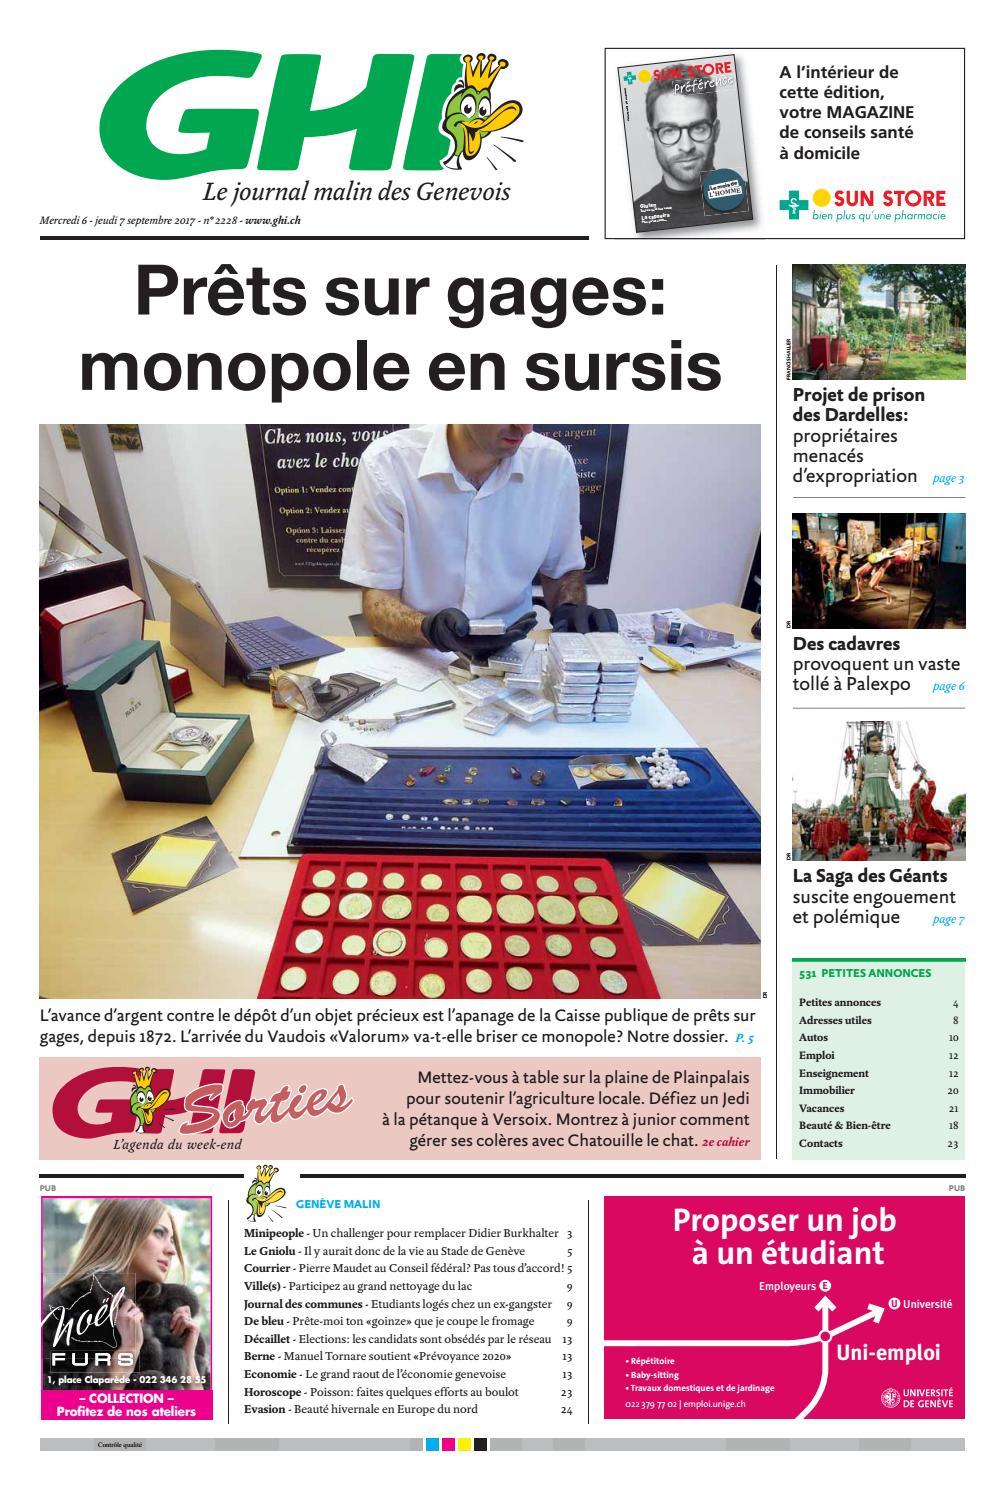 Cherche Personne Pour Travaux Jardin Best Of Ghi Du 06 09 2017 by Ghi & Lausanne Cités issuu